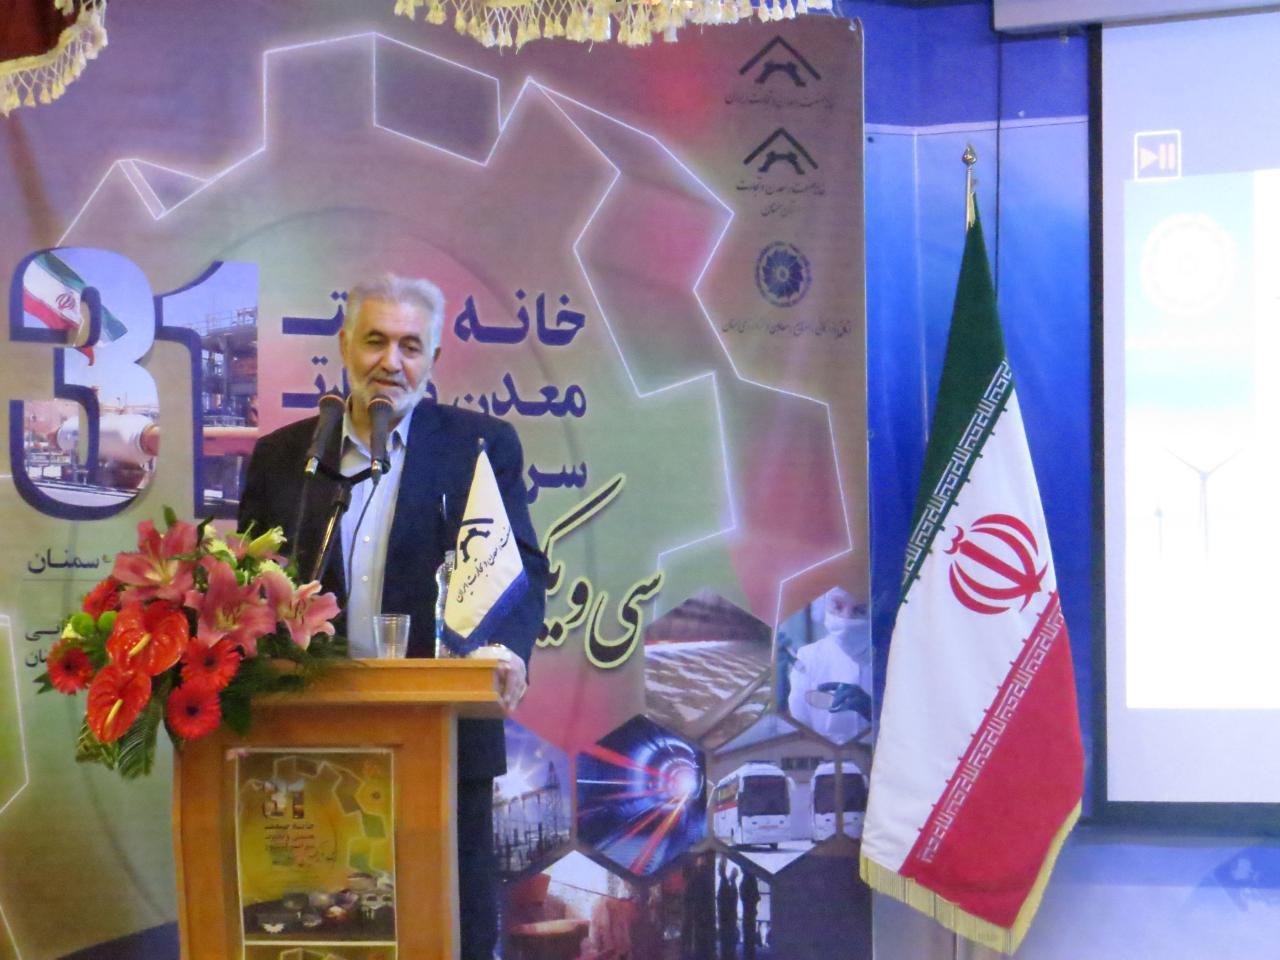 گزیده صحبت های رییس خانه صنعت، معدن و تجارت ایران در سی و یکمین اجلاس سراسری خانه صنعت، معدن و تجارت در سمنان